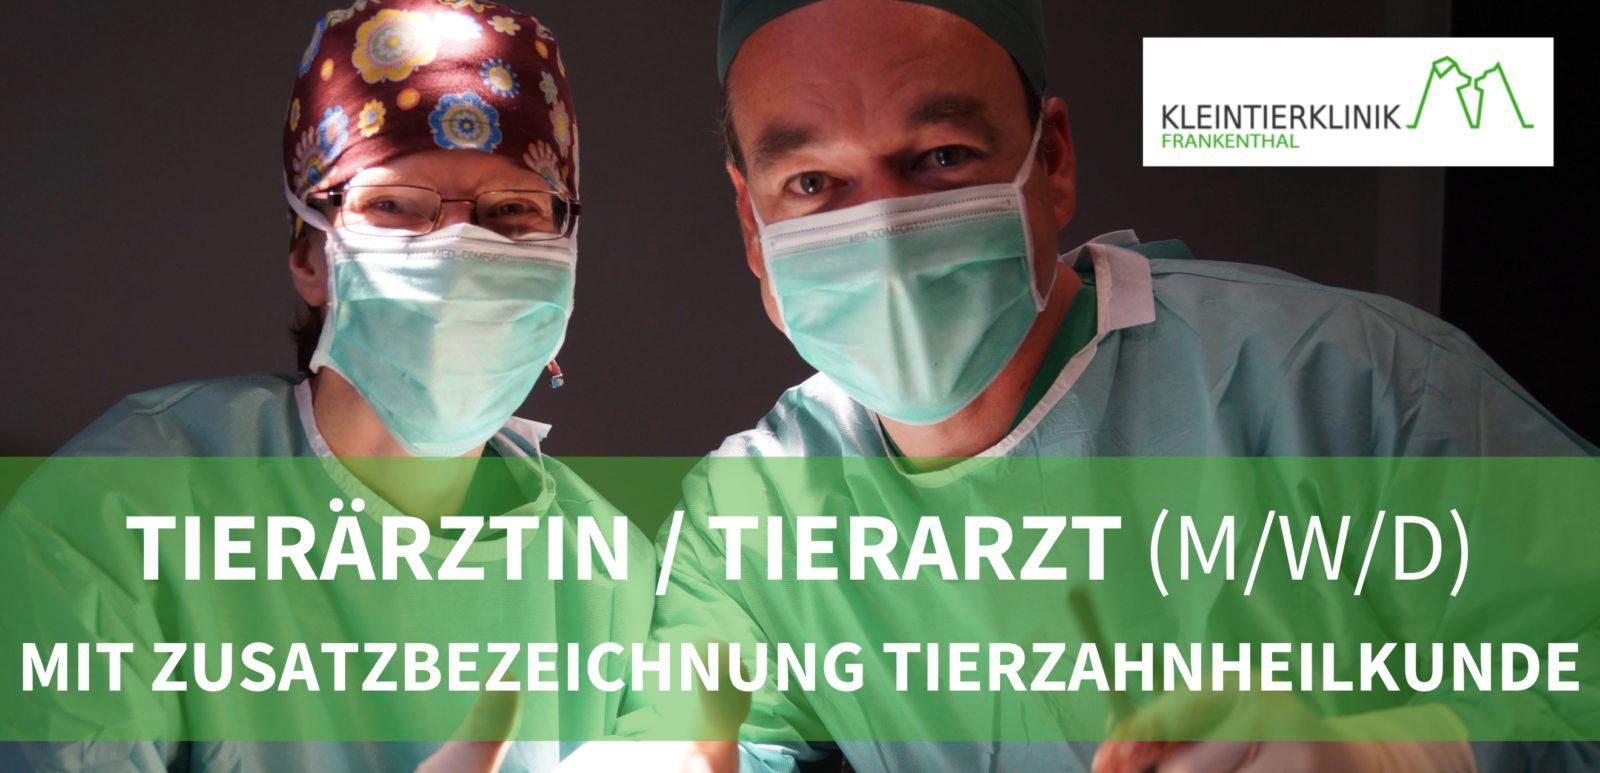 Kleintierklinik Frankenthal GmbH - Tierärztinnen/Tierärzte (m/w/d) mit Erfahrung und/oder Interesse am Bereich Tierzahnheilkunde für den Bereich Dentalmedizin/Ambulanz